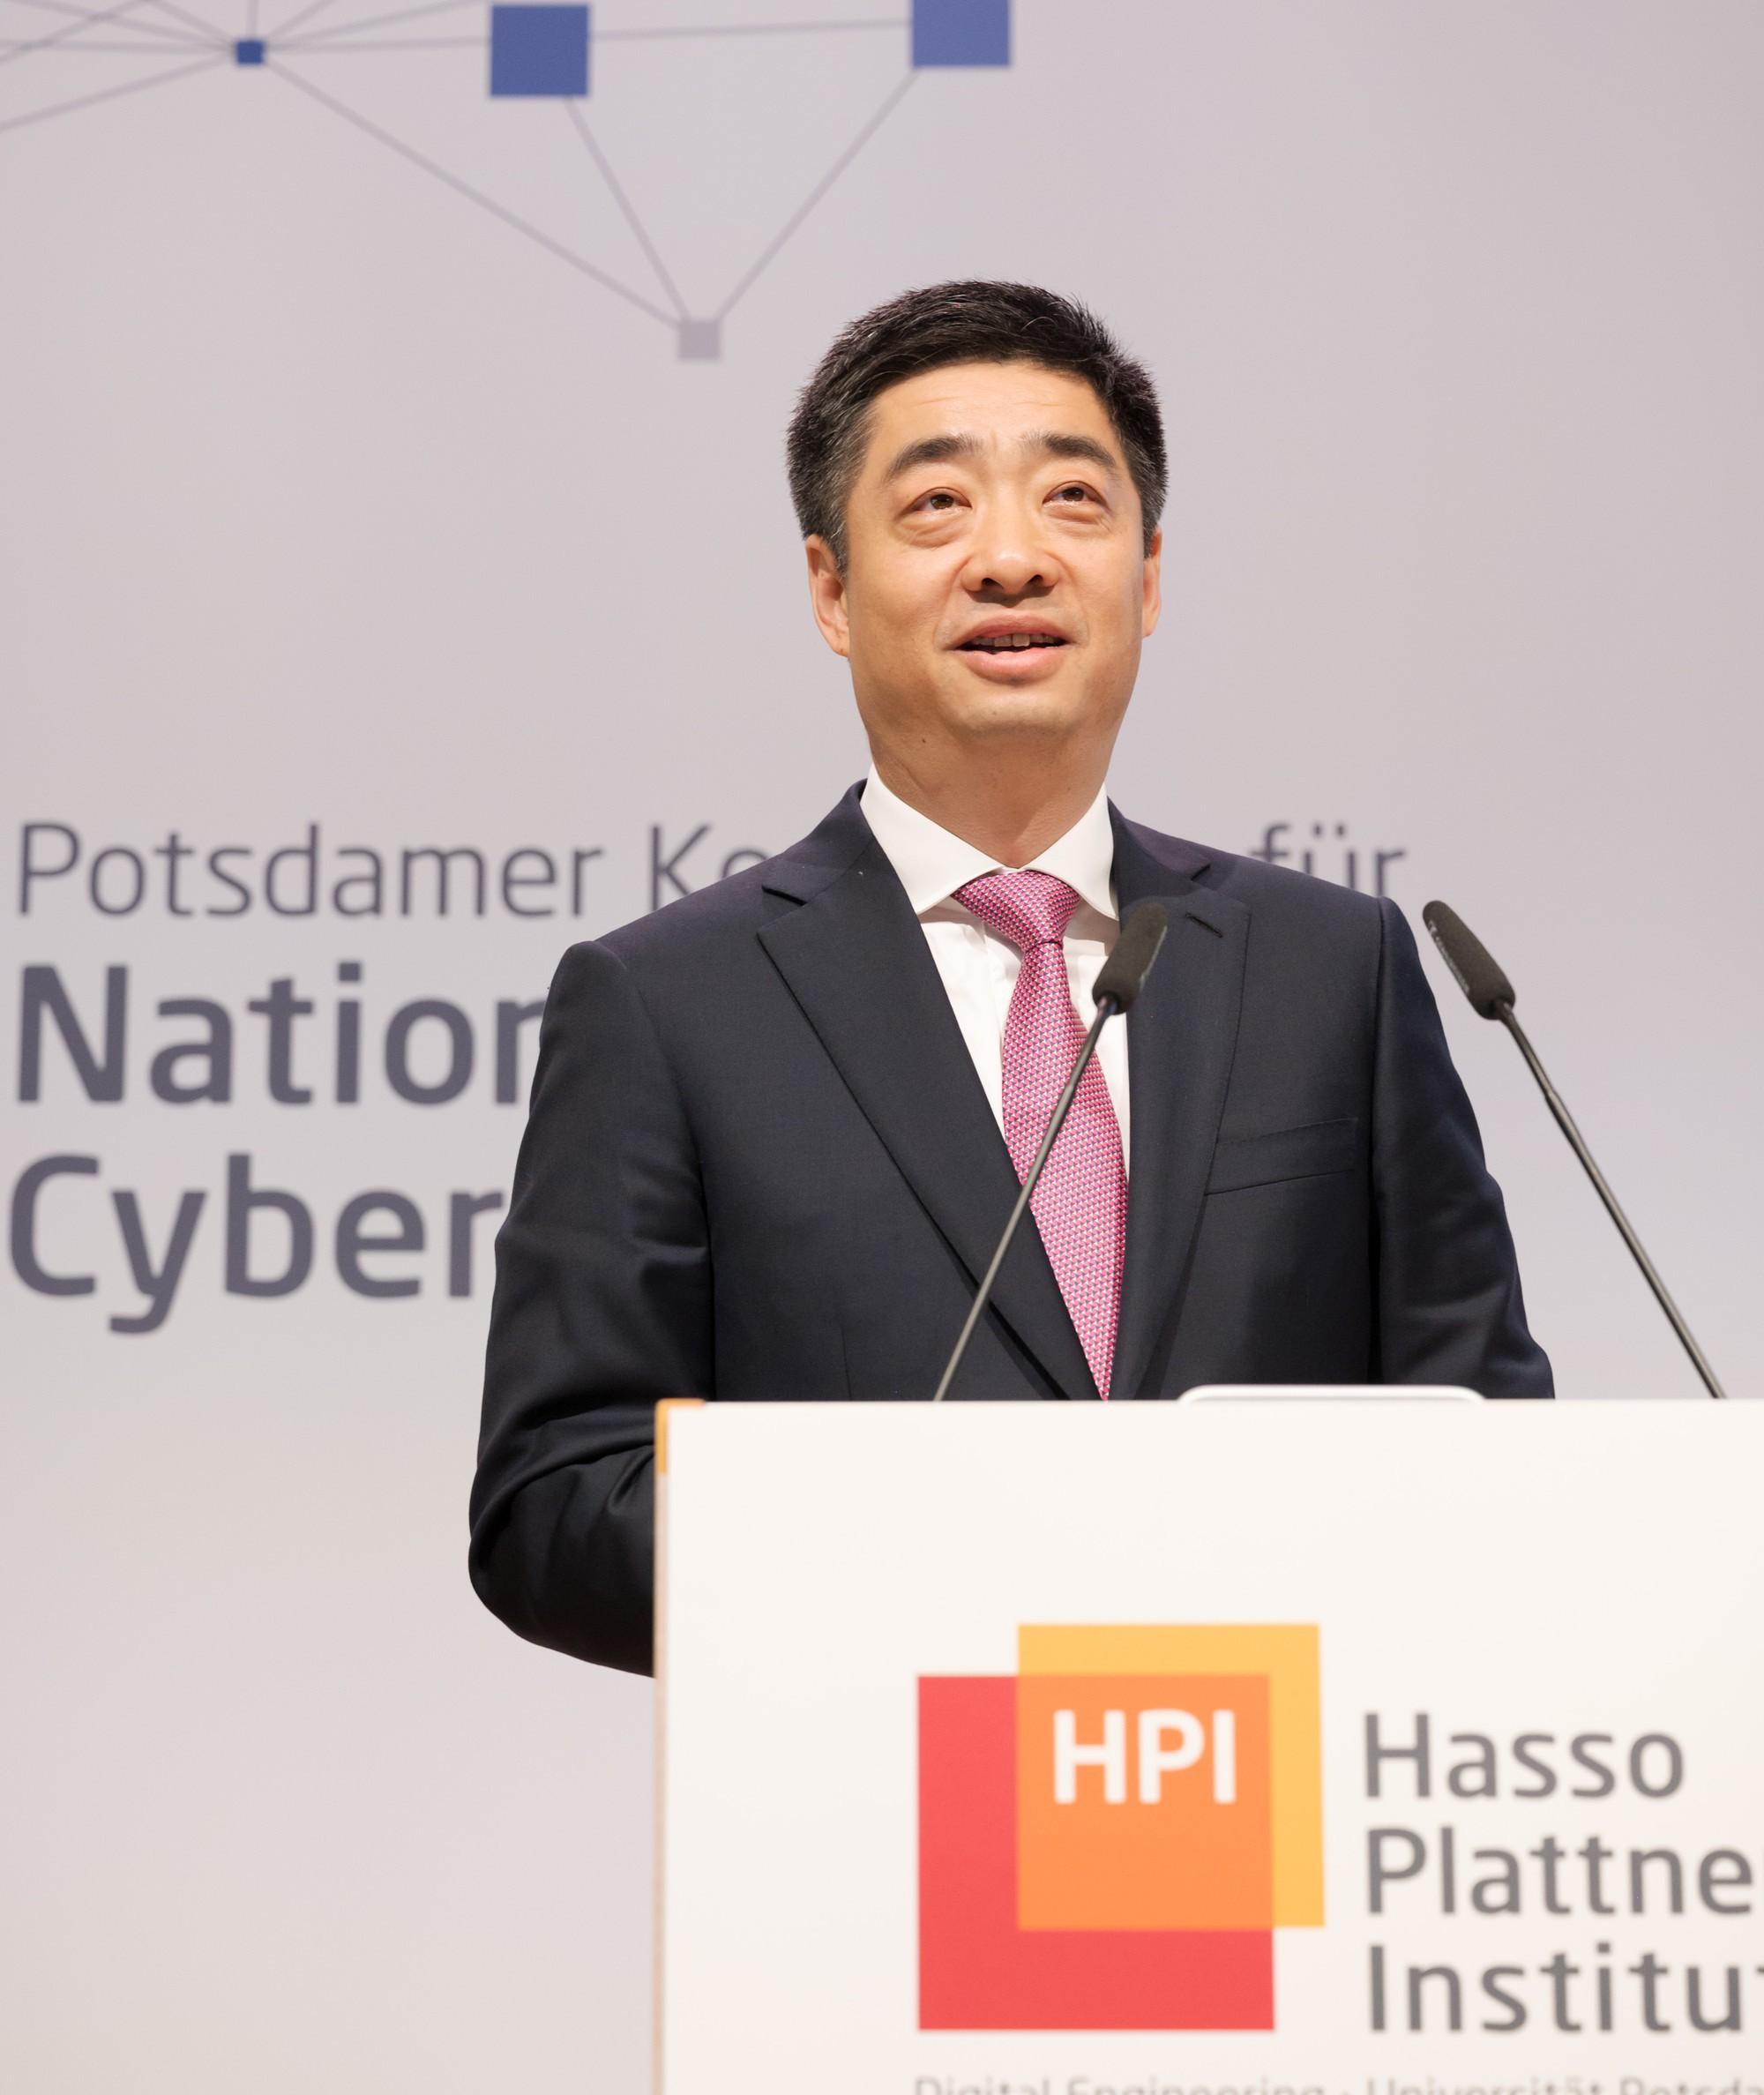 Phó Chủ tịch Huawei: 'Chúng tôi không muốn xây dựng một bức tường về công nghệ' - Ảnh 1.